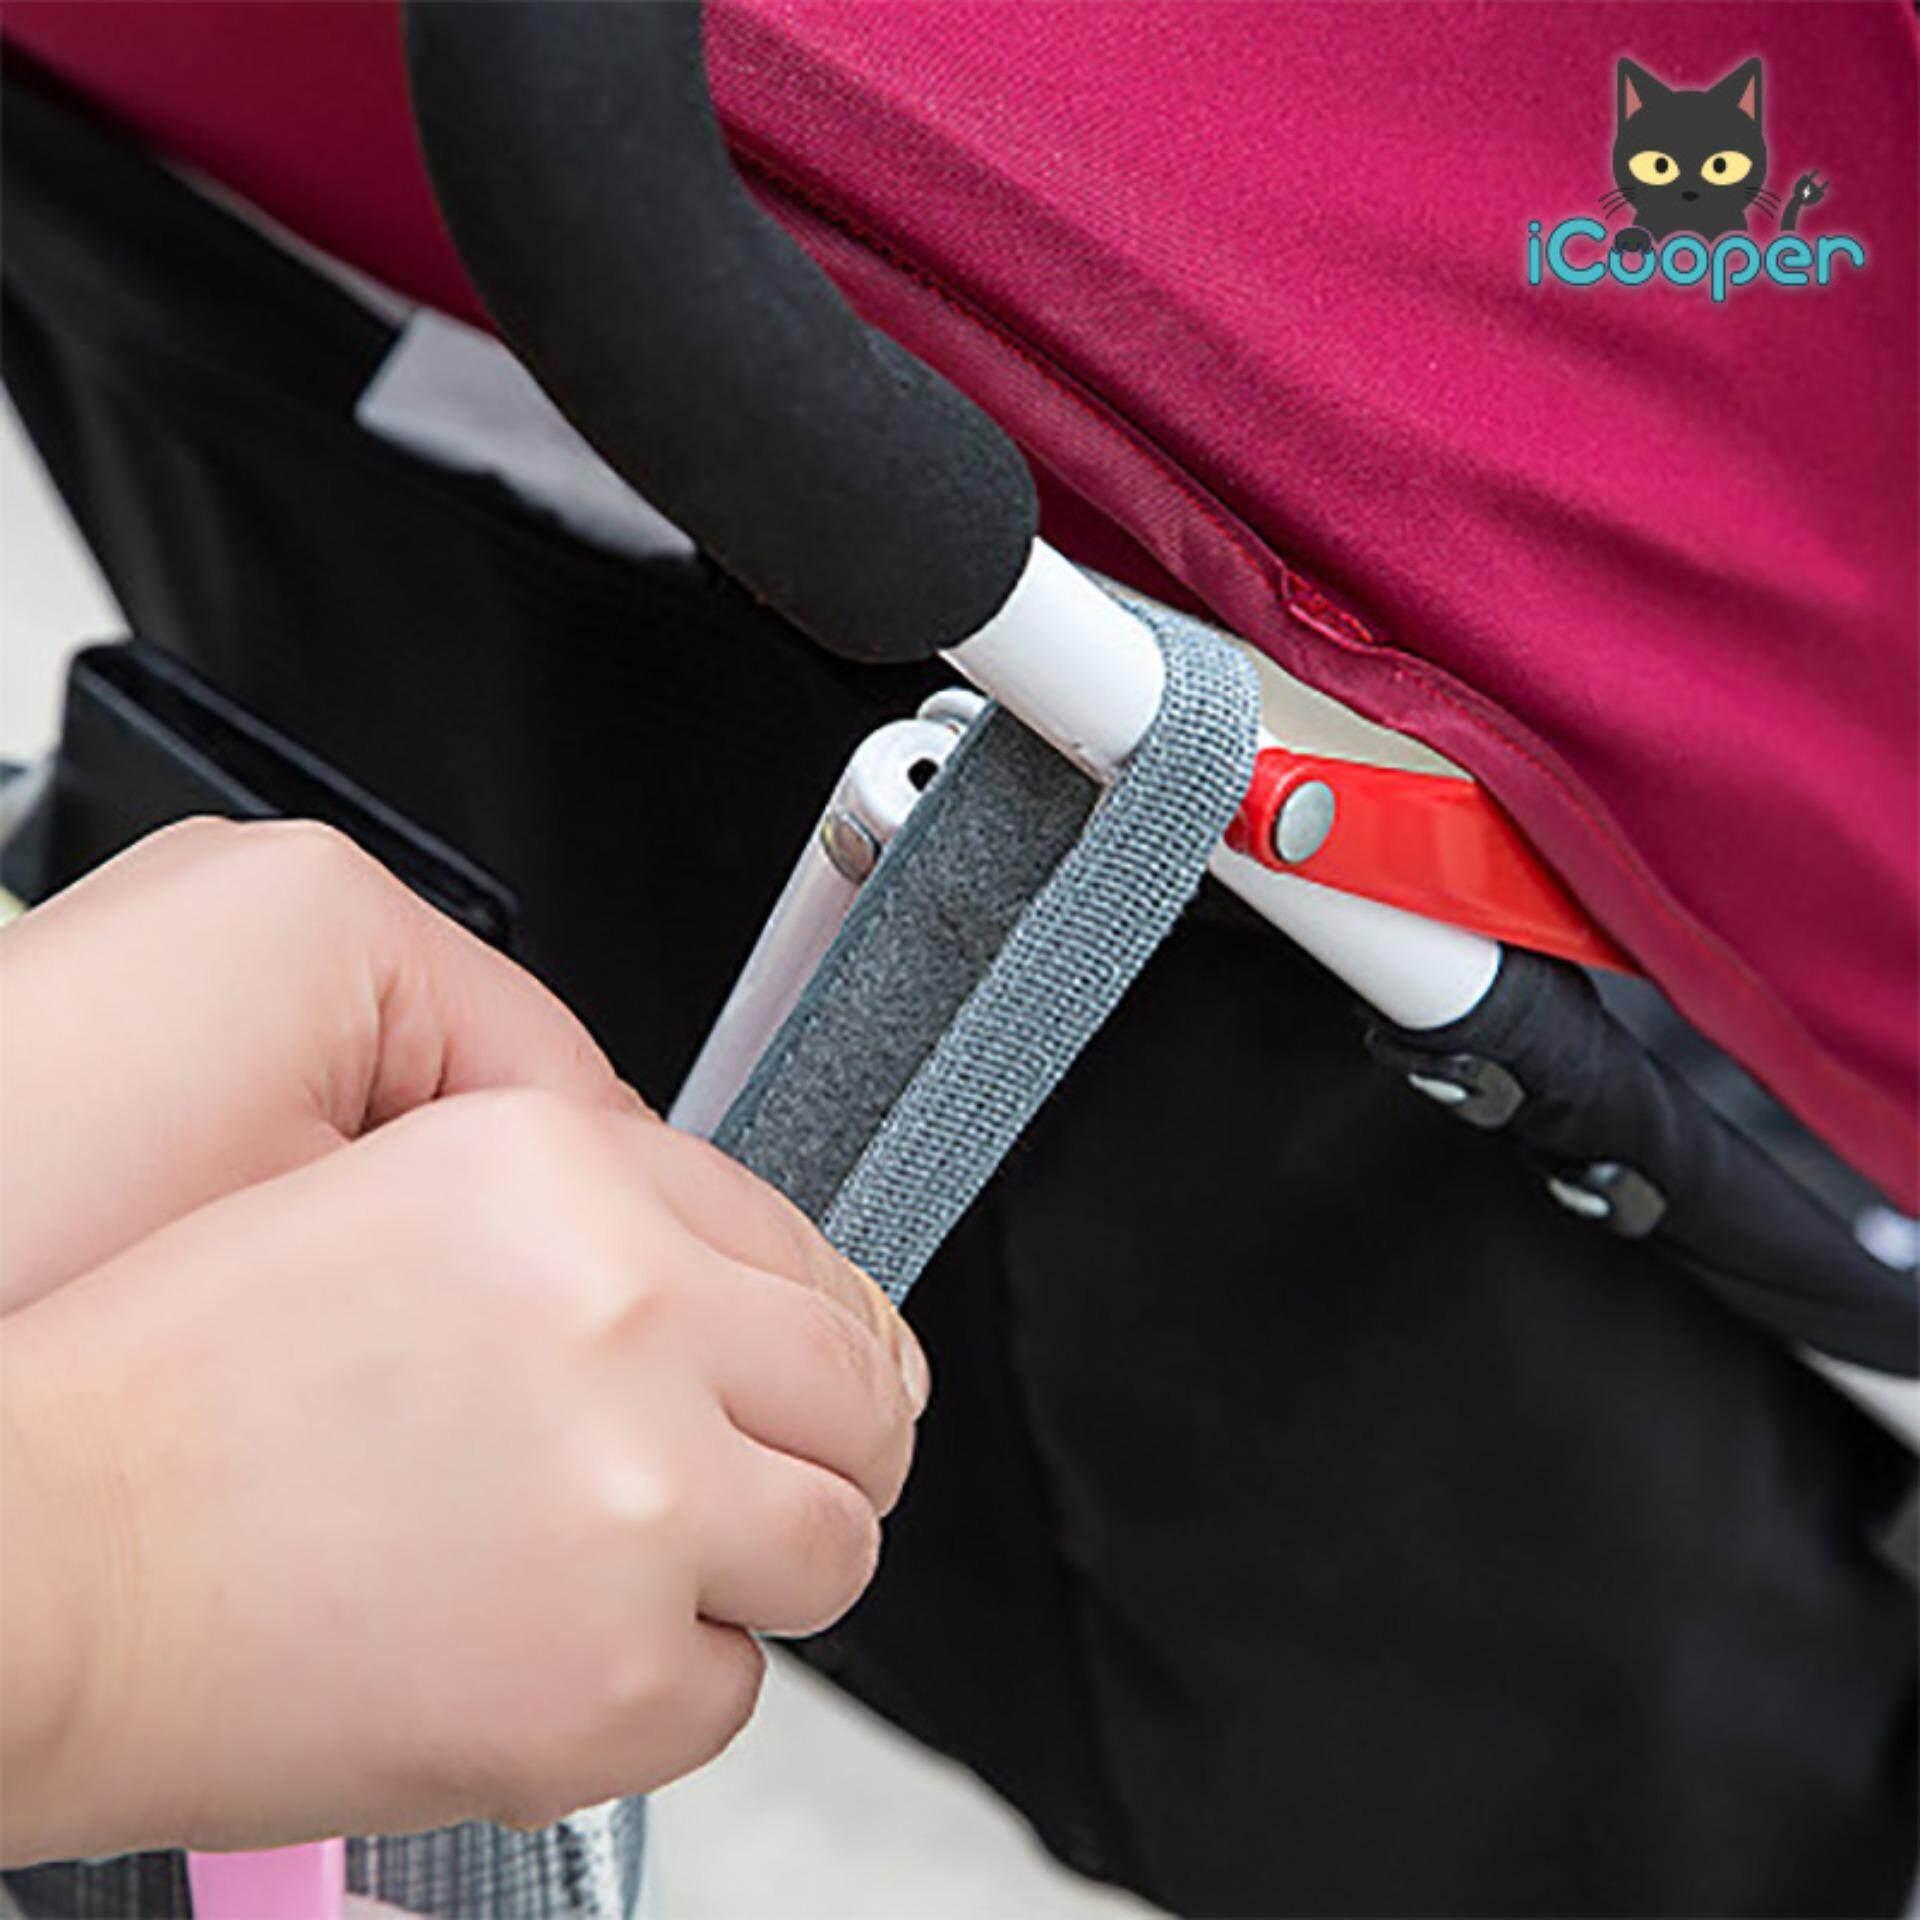 ลดราคา Fico รถเข็นเด็กแบบนอน รถเข็นเด็ก Fico รุ่น California: D288 สีเหลือง มีของแถม